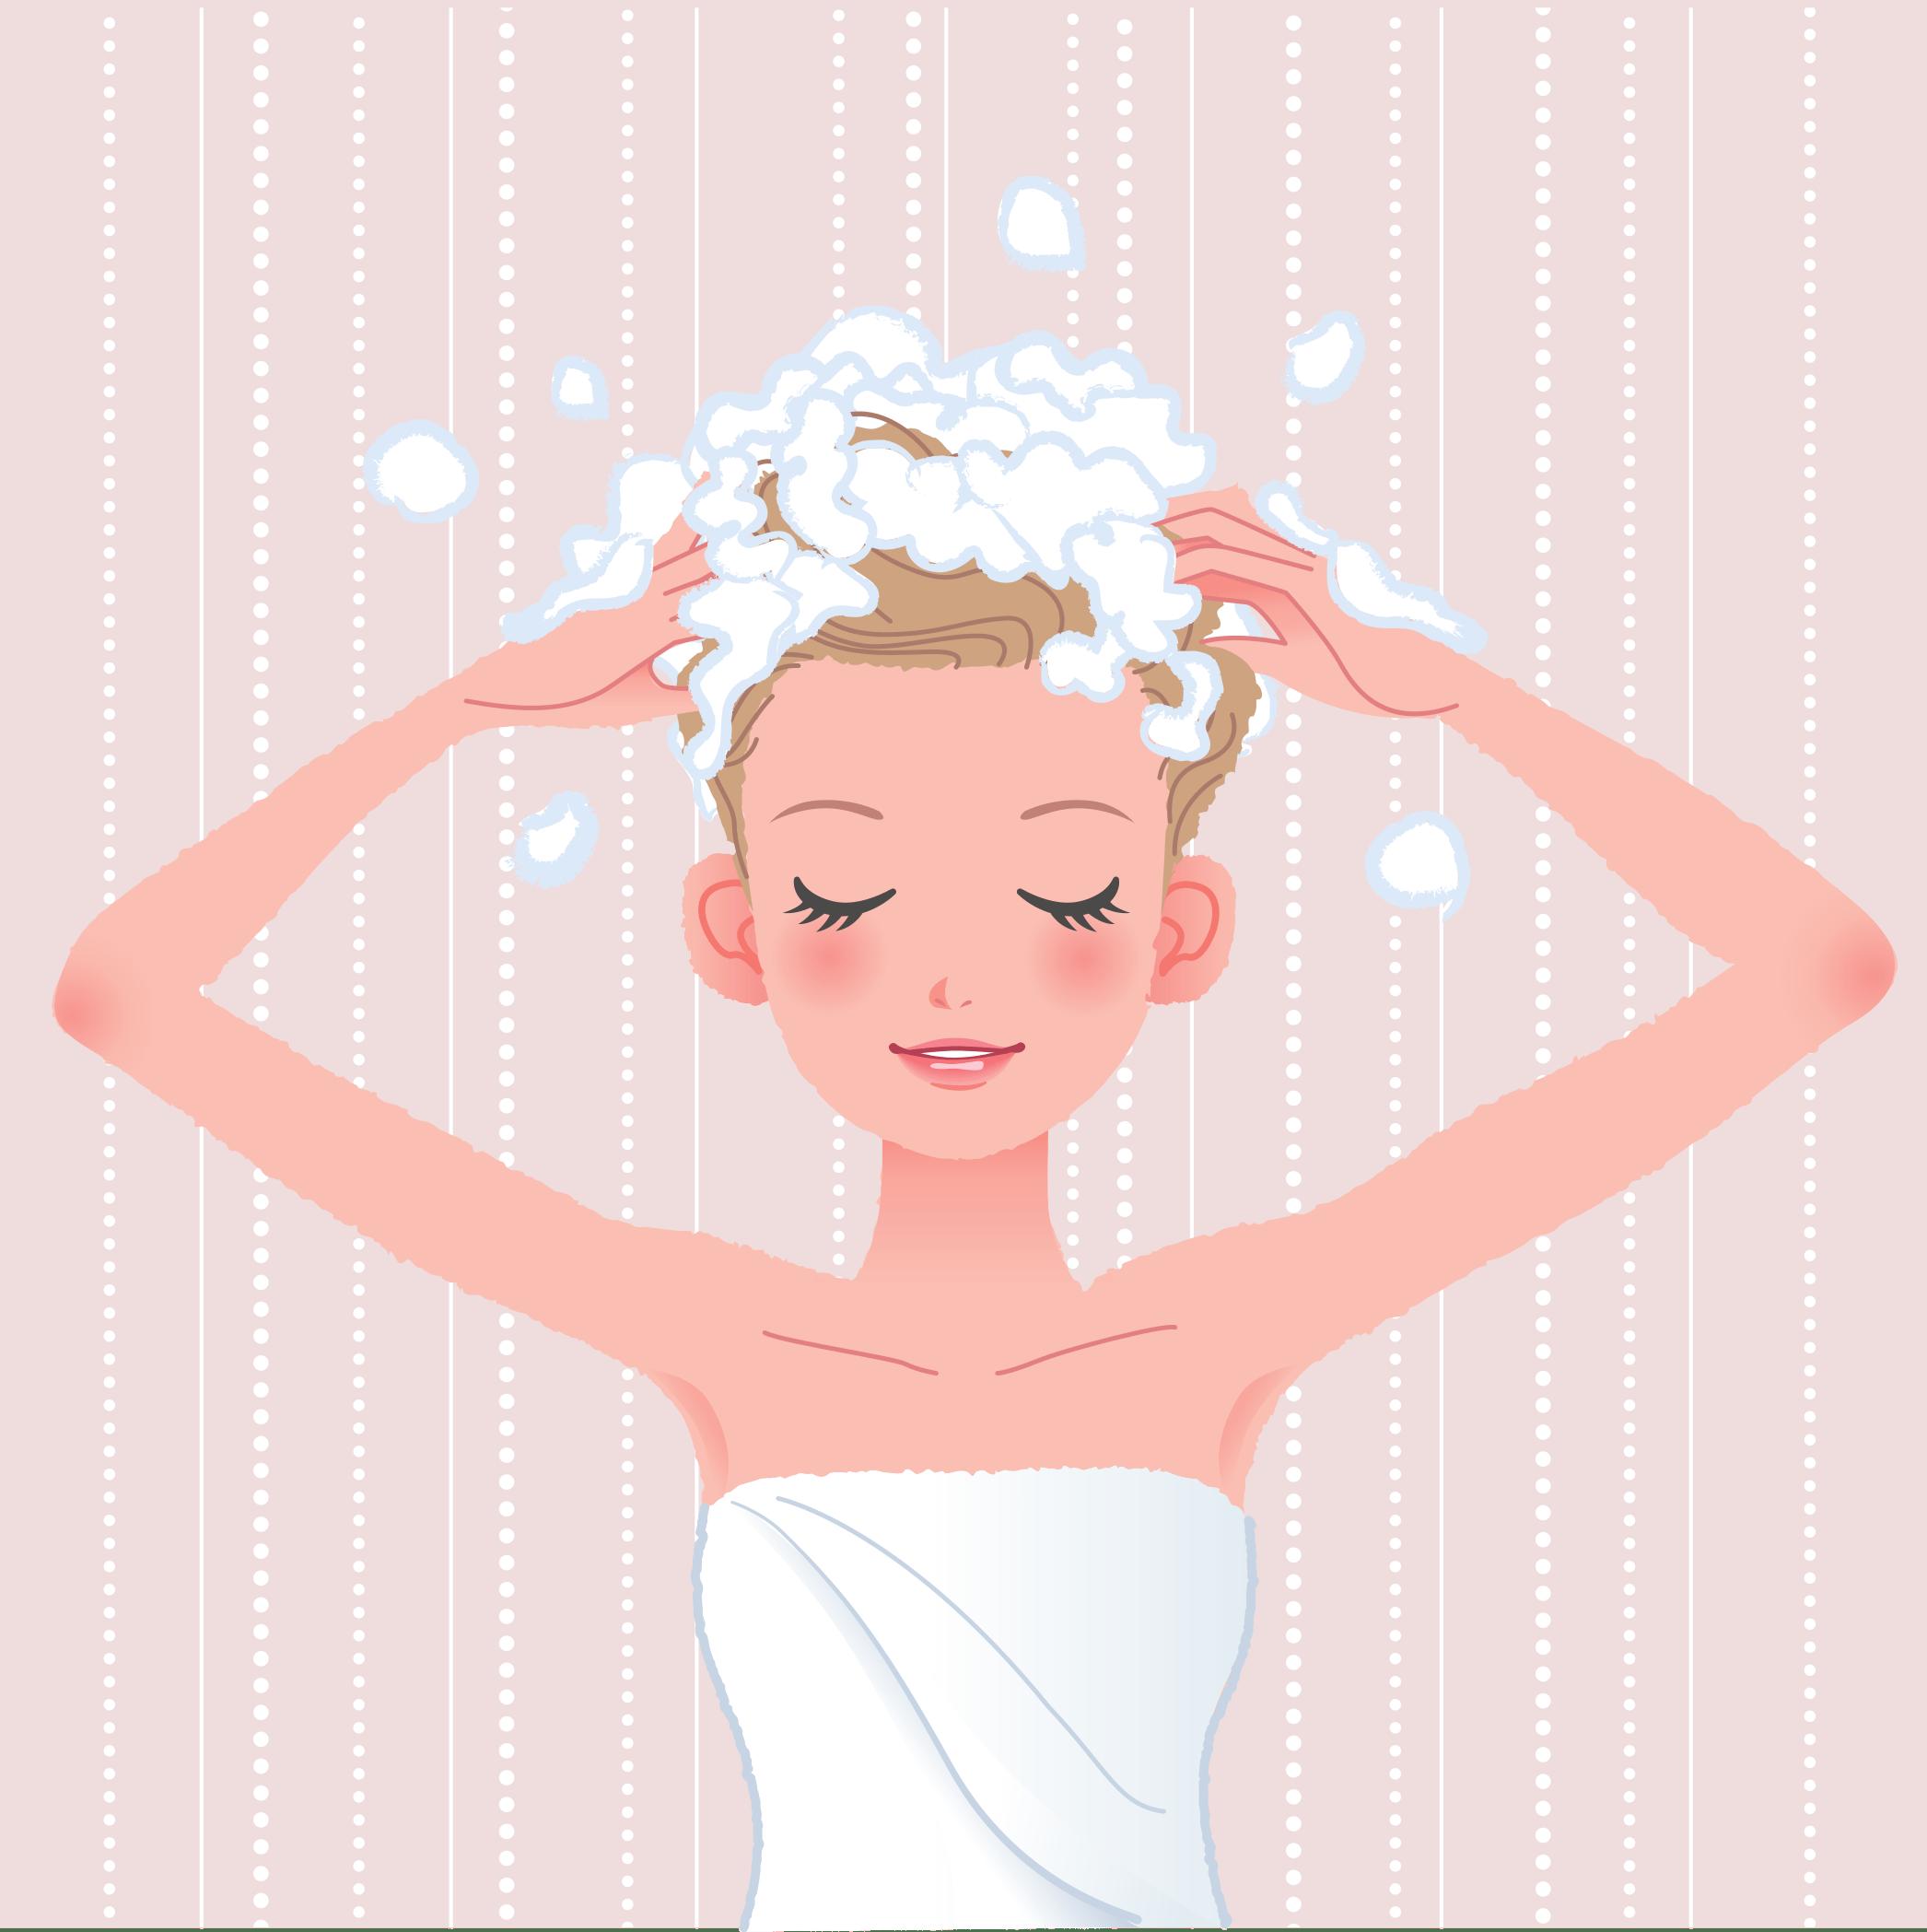 Jak dobrać właściwy szampon do pielęgnacji włosów i skóry głowy? – artykuł dla medph.pl